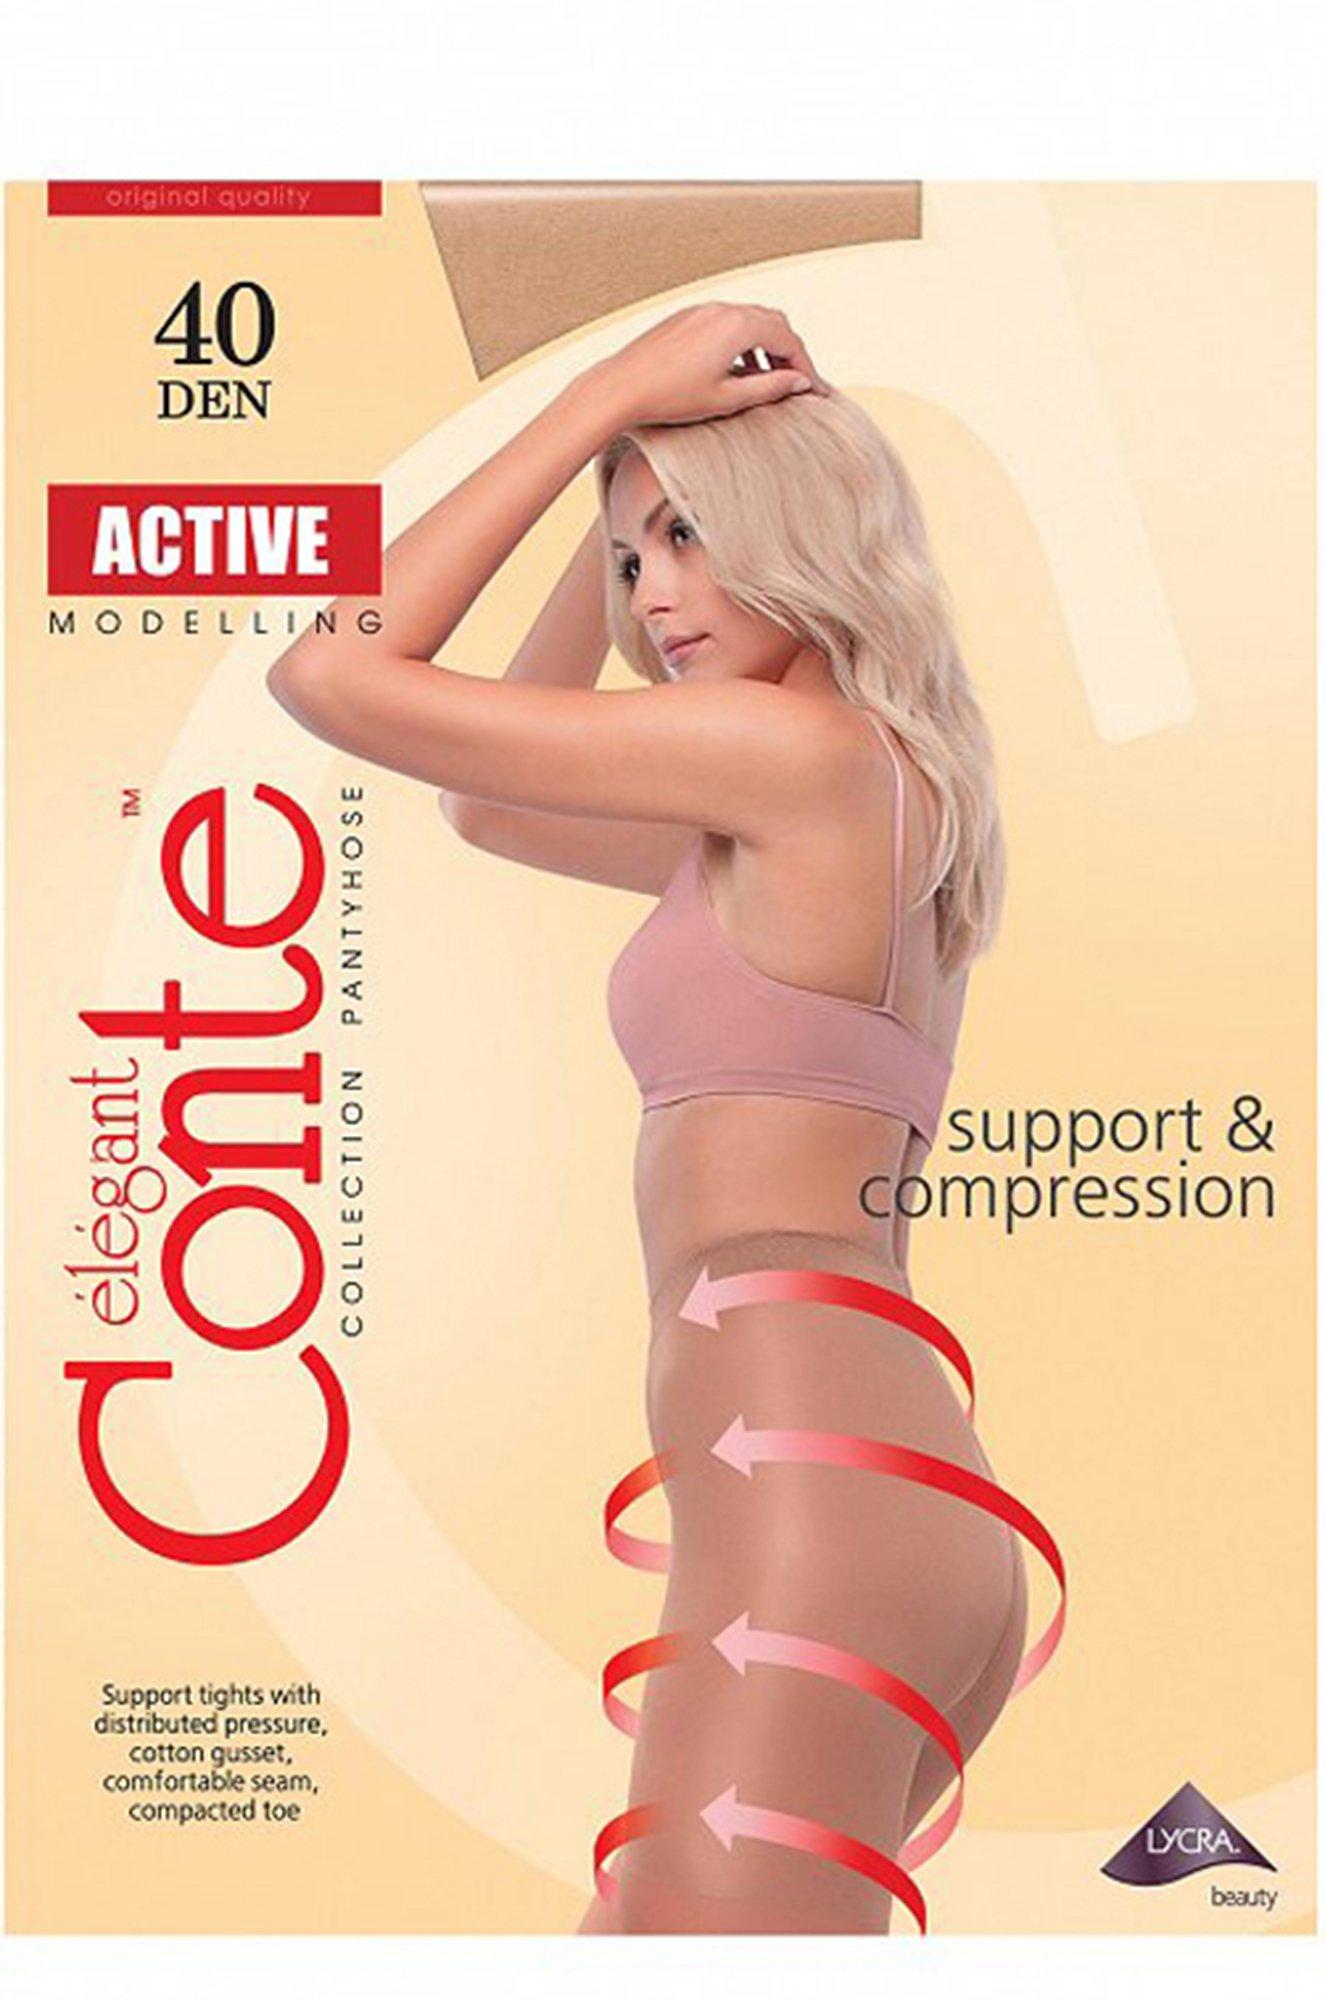 Conte elegant, Корректирующие колготки 40 DEN с распределенным давлением по ноге и сильным поддерживающим верхом 8S61SP (6559516)